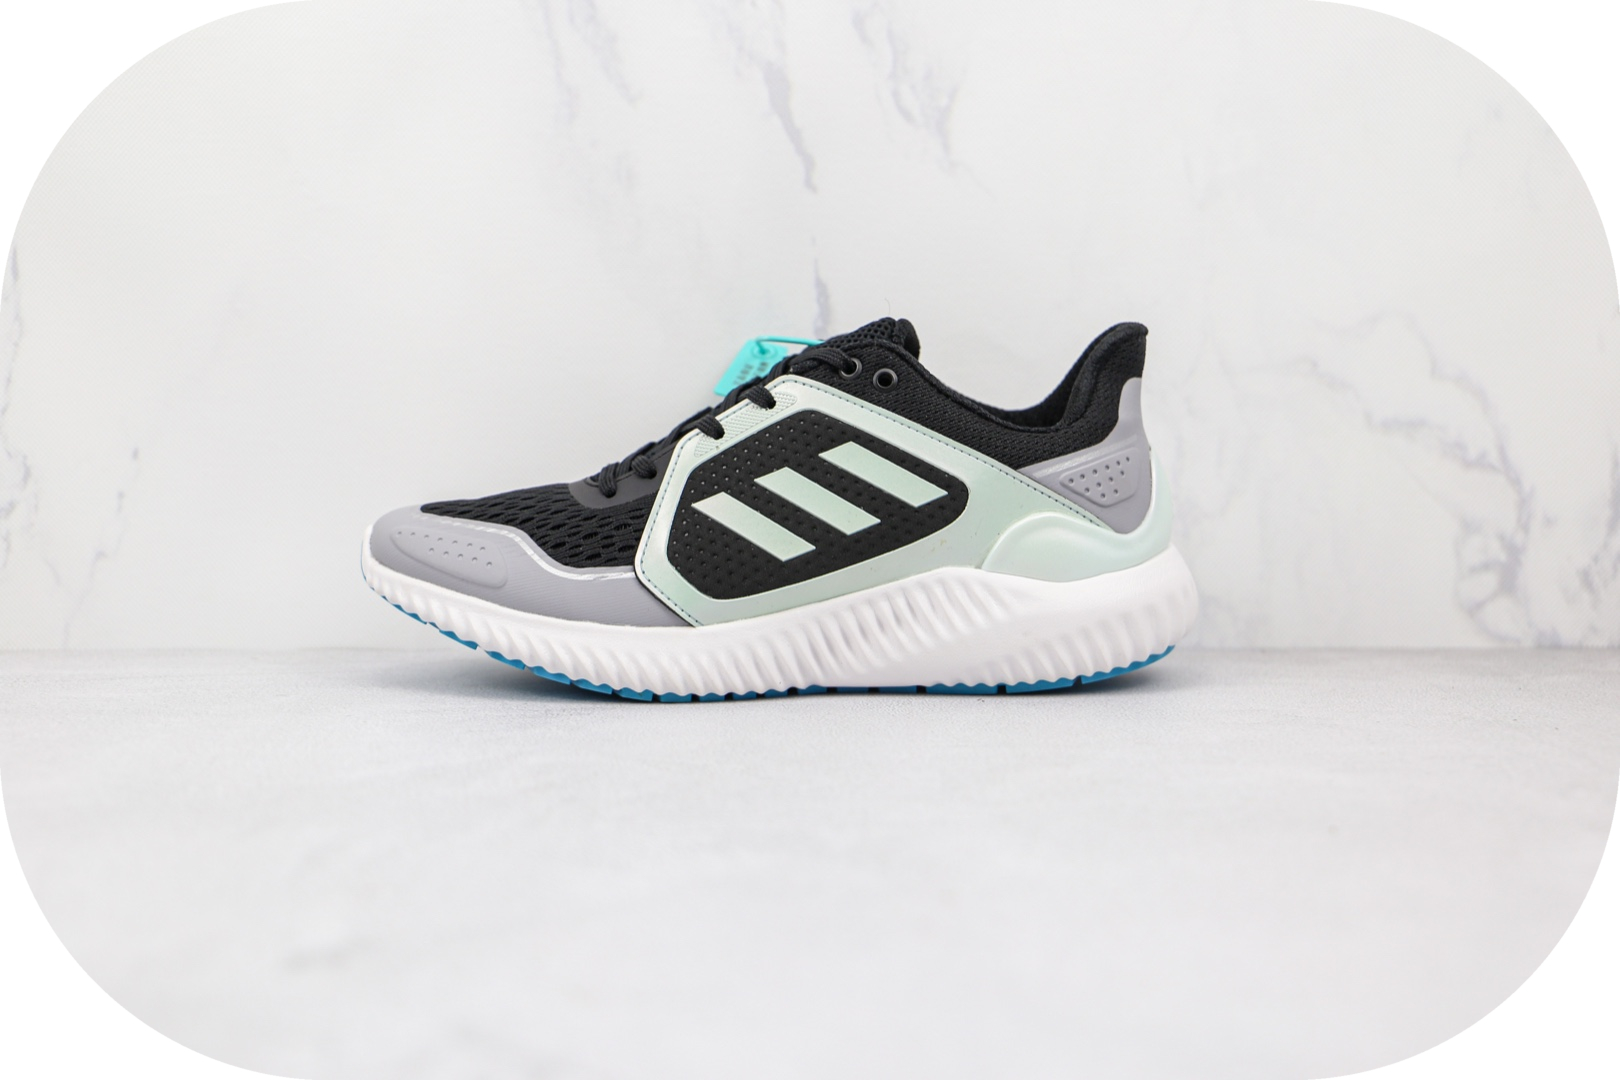 阿迪达斯Adidas Climawarm Bounce纯原版本黑绿色暖风跑鞋原档案数据开发 货号:FX0188